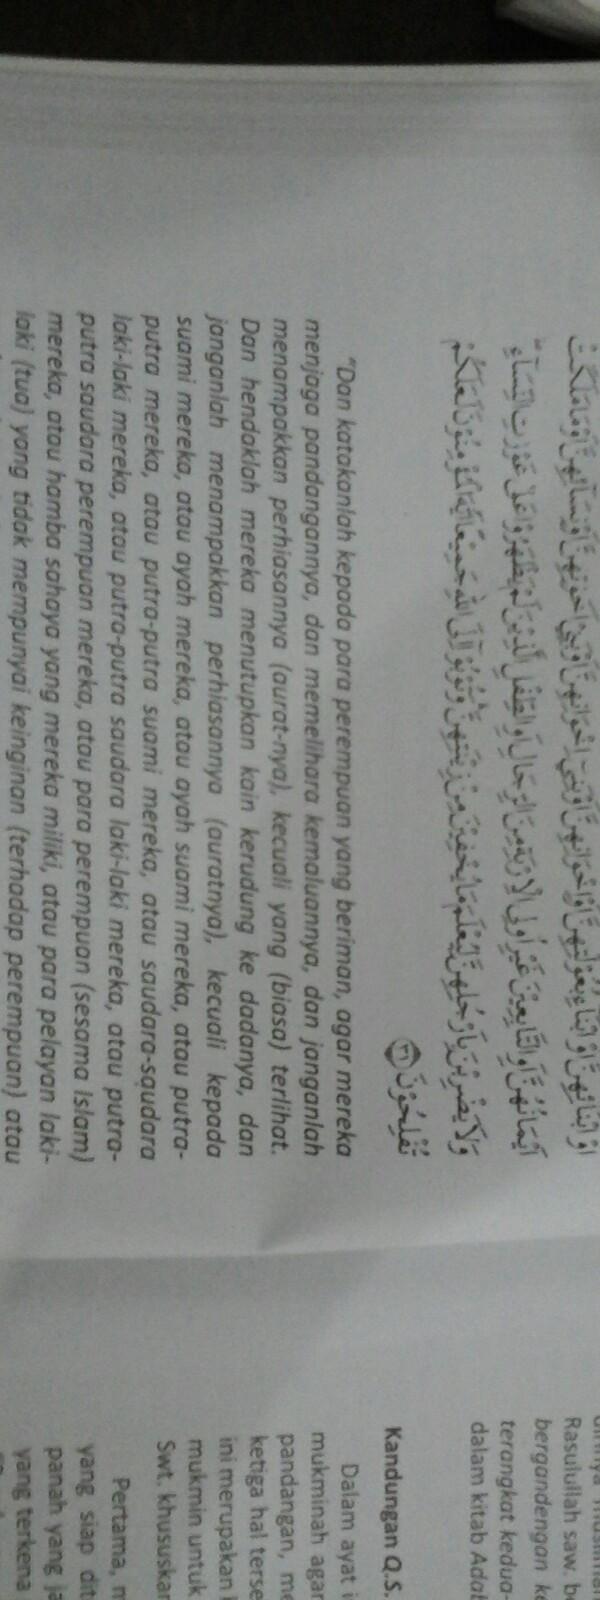 carilah ayat Al-Qur'an dan hadis yang berhubungan dengan ...